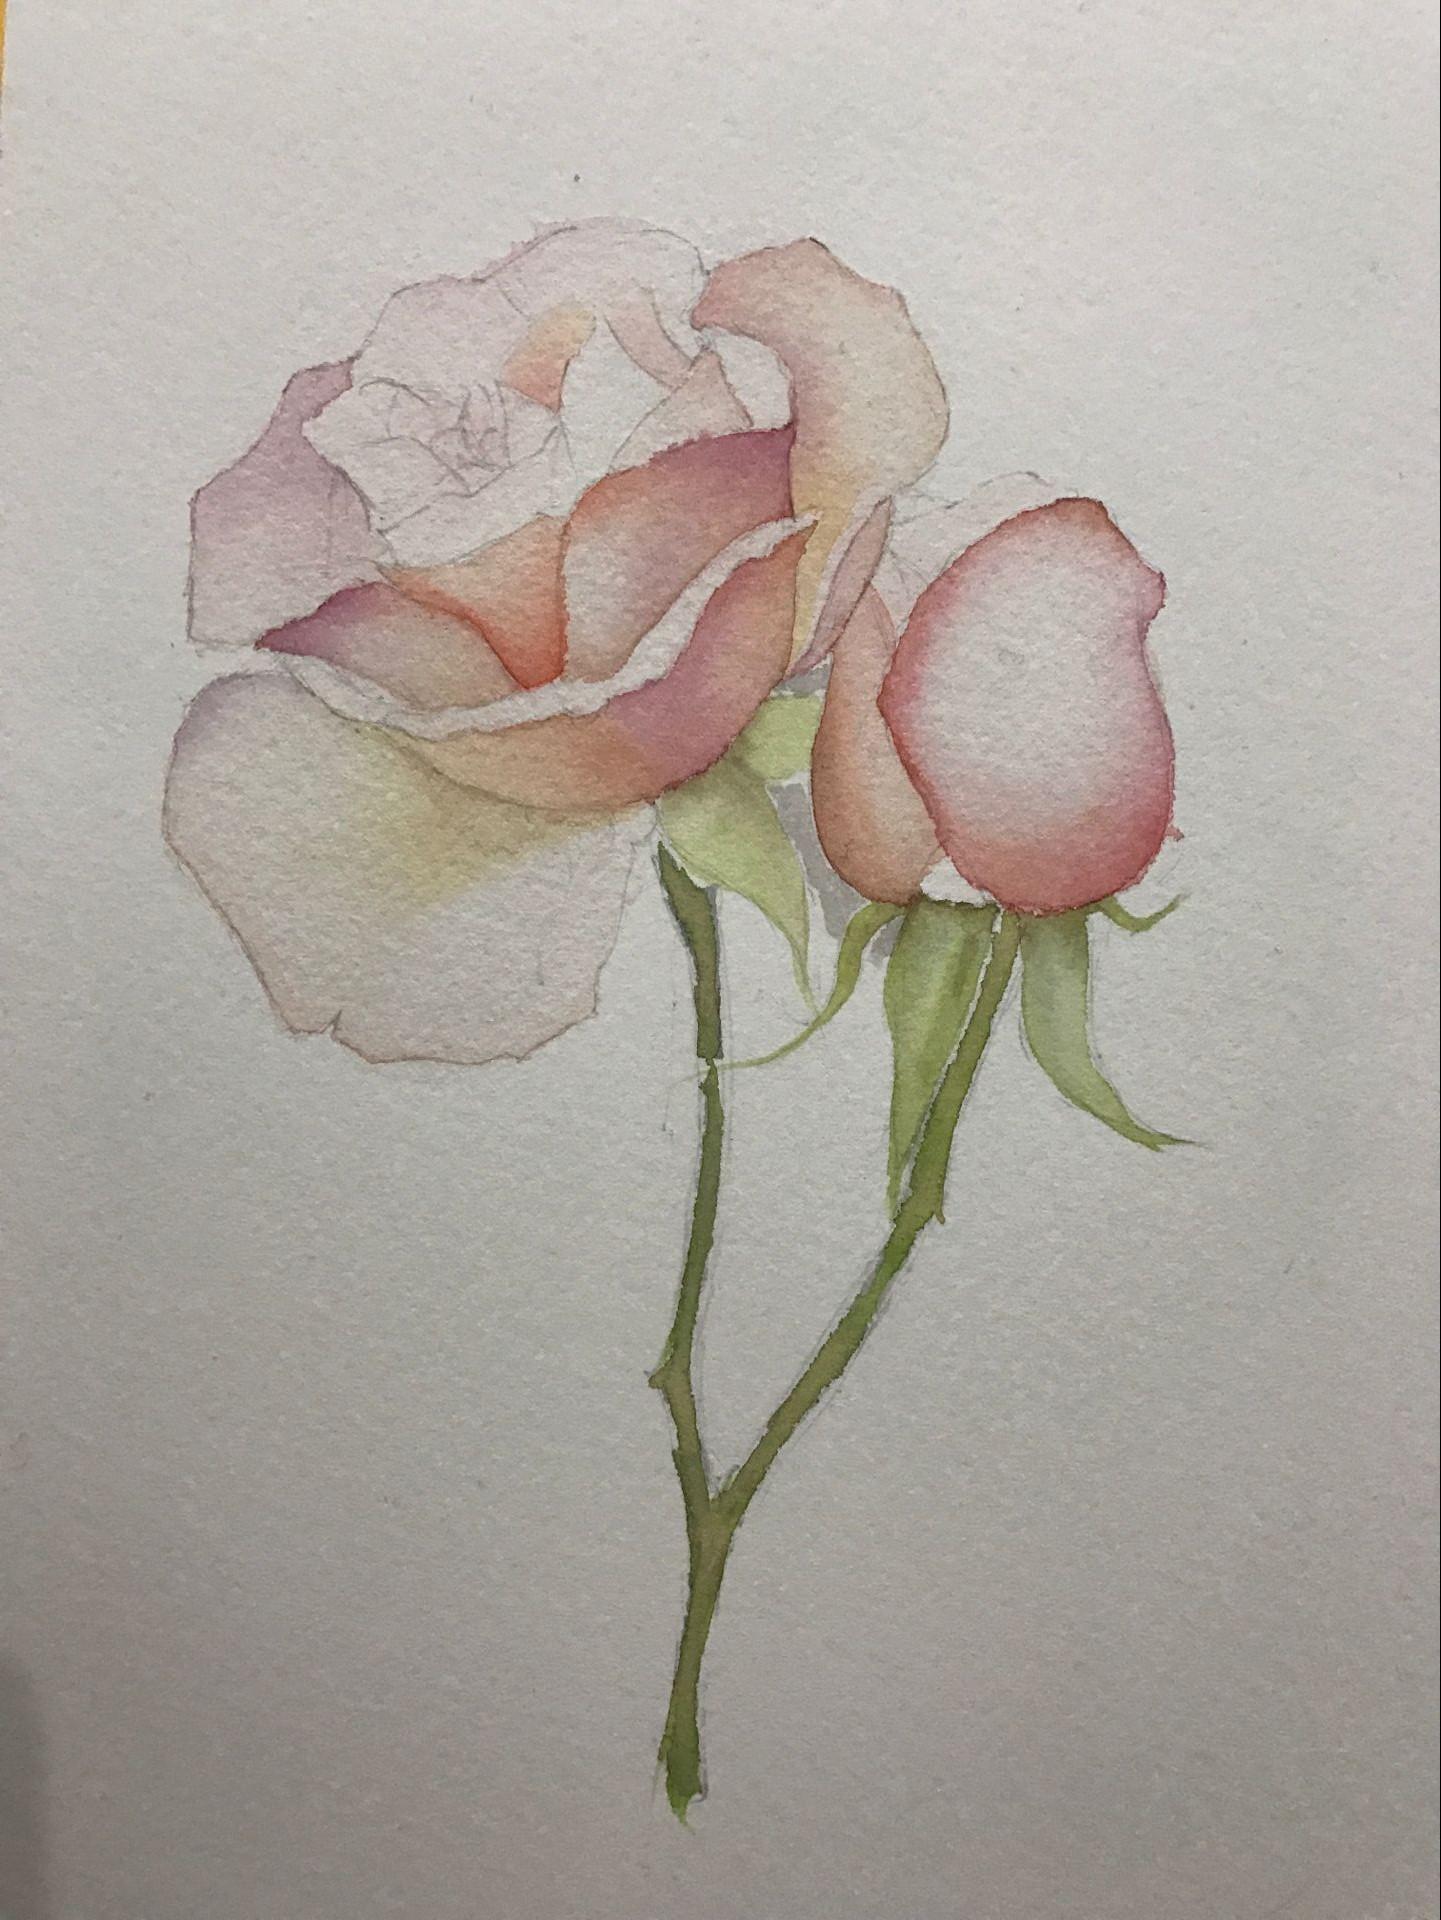 玫瑰花|纯艺术|彩铅|peter_zhong - 原创作品 - 站酷图片